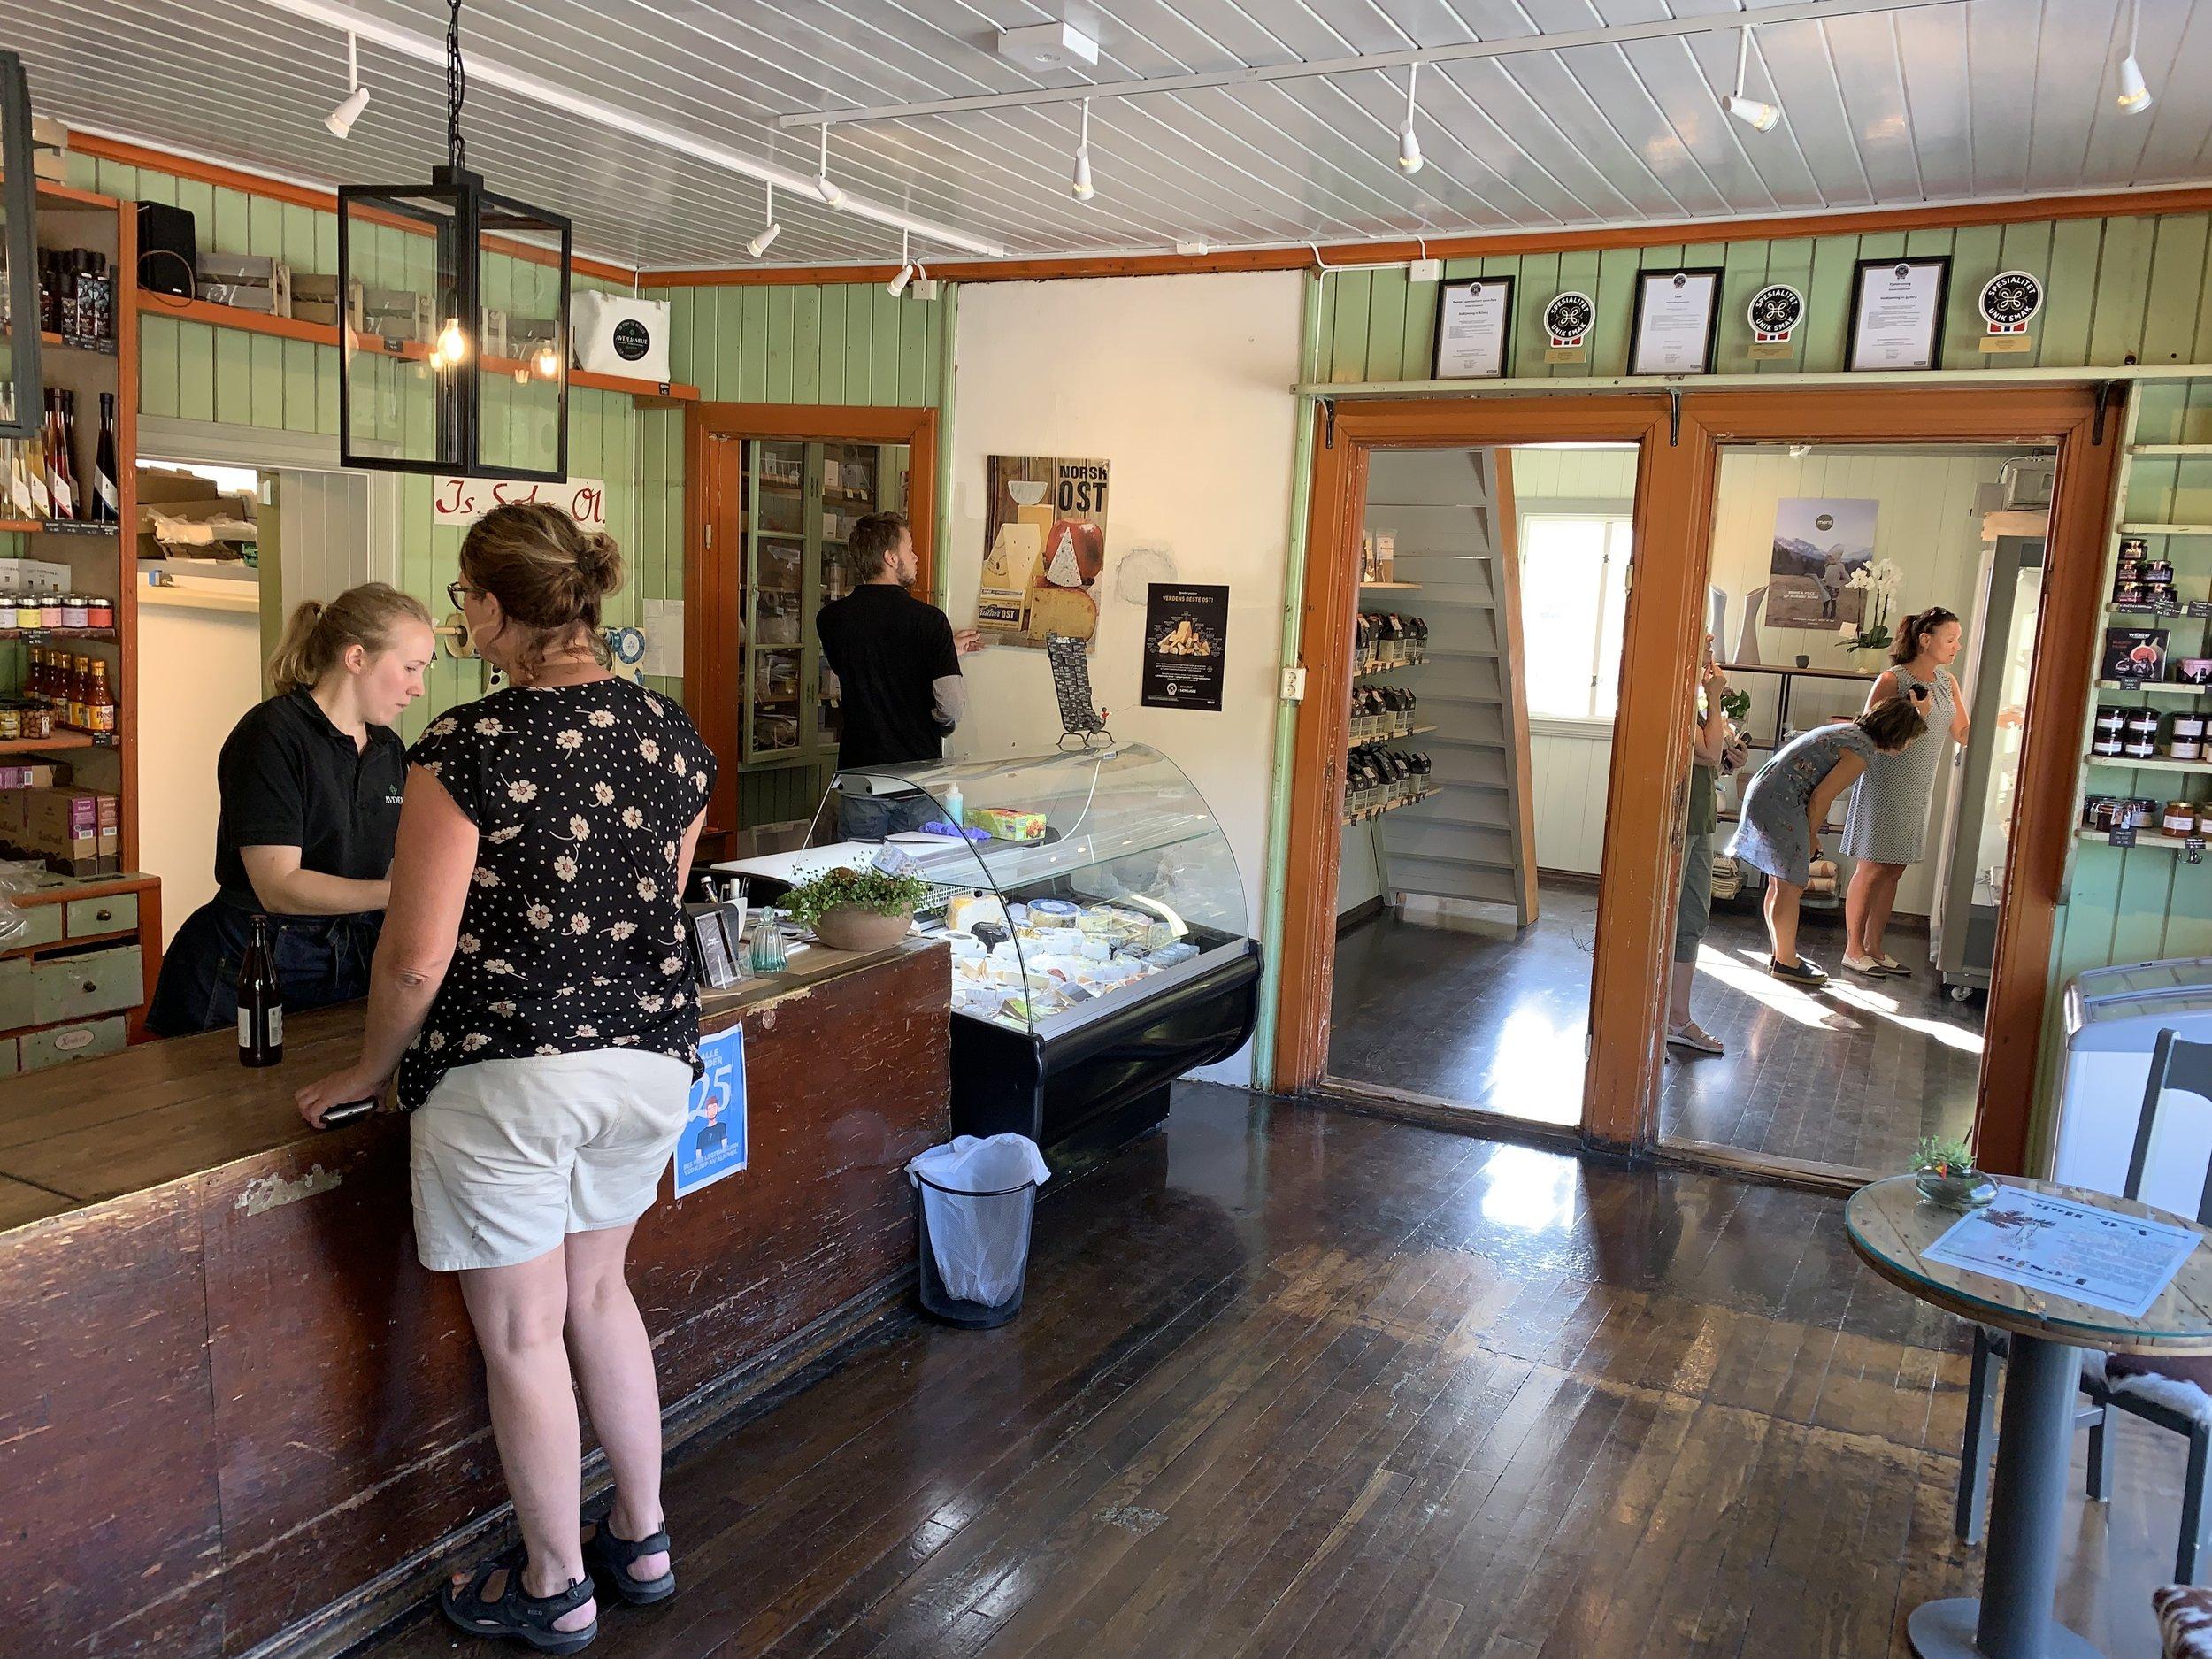 I sjarmerende lokaler driver Avdembue salg av blant annet kortreist og lokal mat. Alle foto: Odd Roar Lange